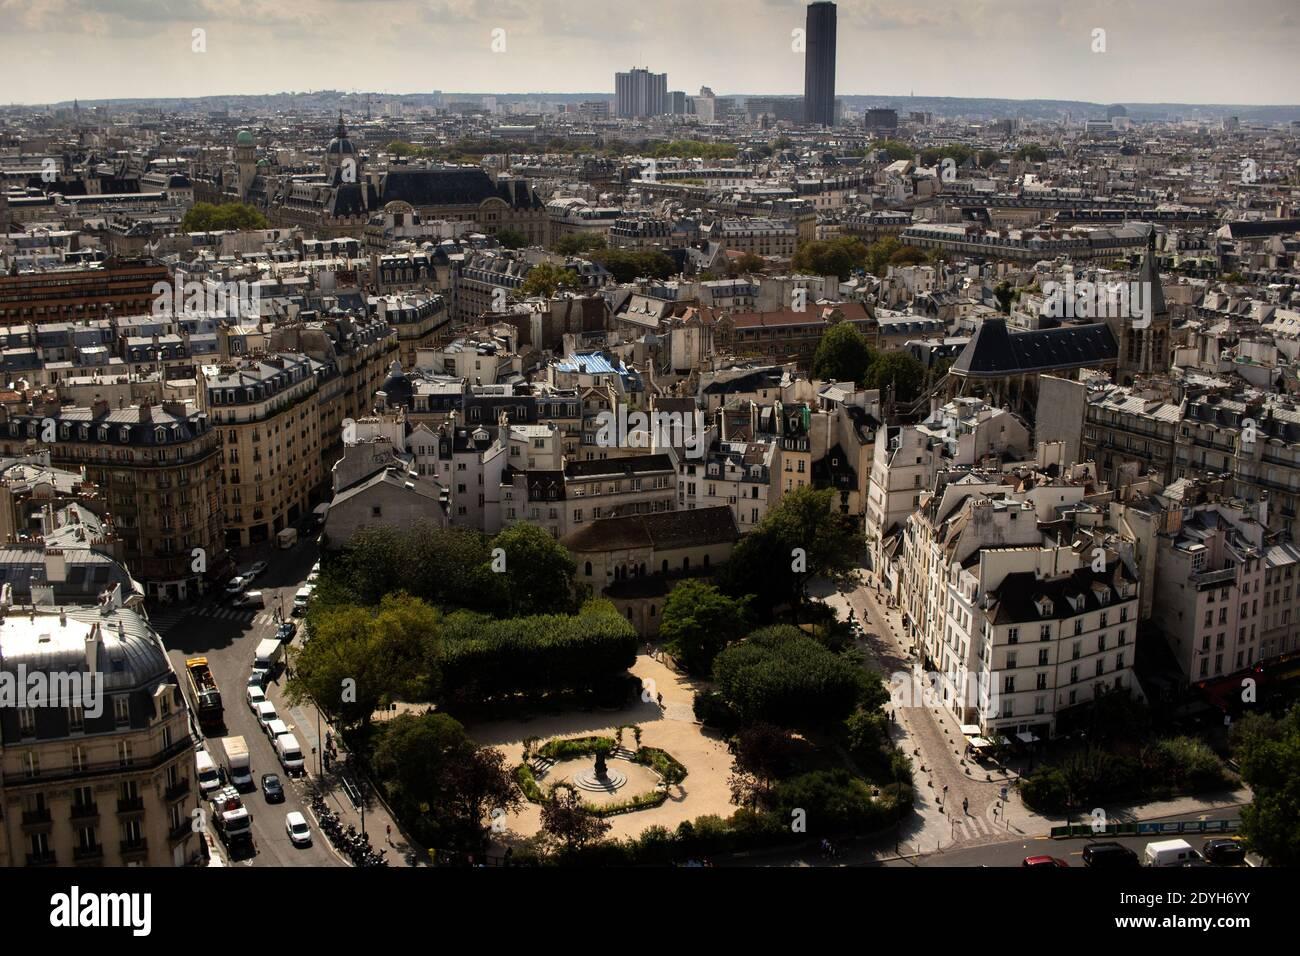 Lllustration des täglichen Lebens in Paris, Frankreich. Lllustration du quotidien à Paris en France. Stockfoto